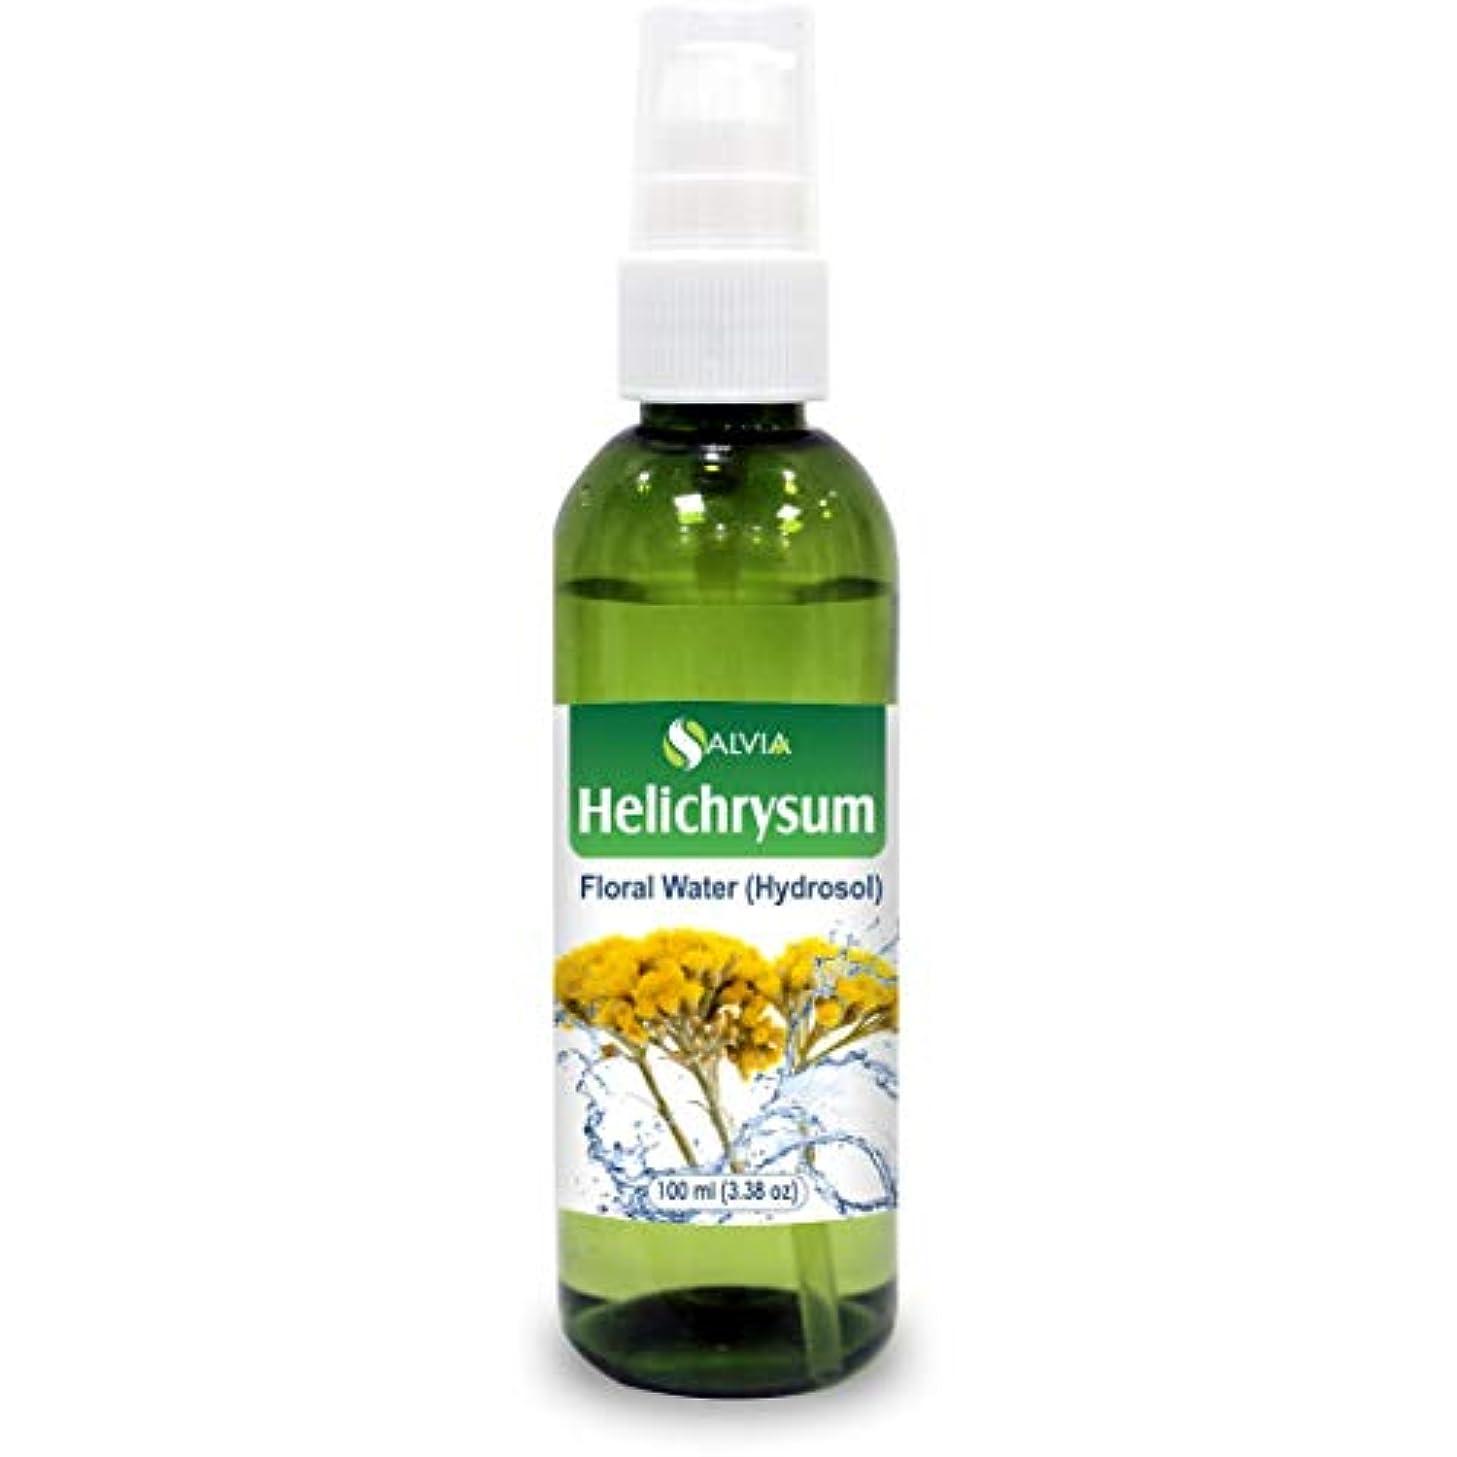 リス火山のテクトニックHelichrysum Floral Water 100ml (Hydrosol) 100% Pure And Natural